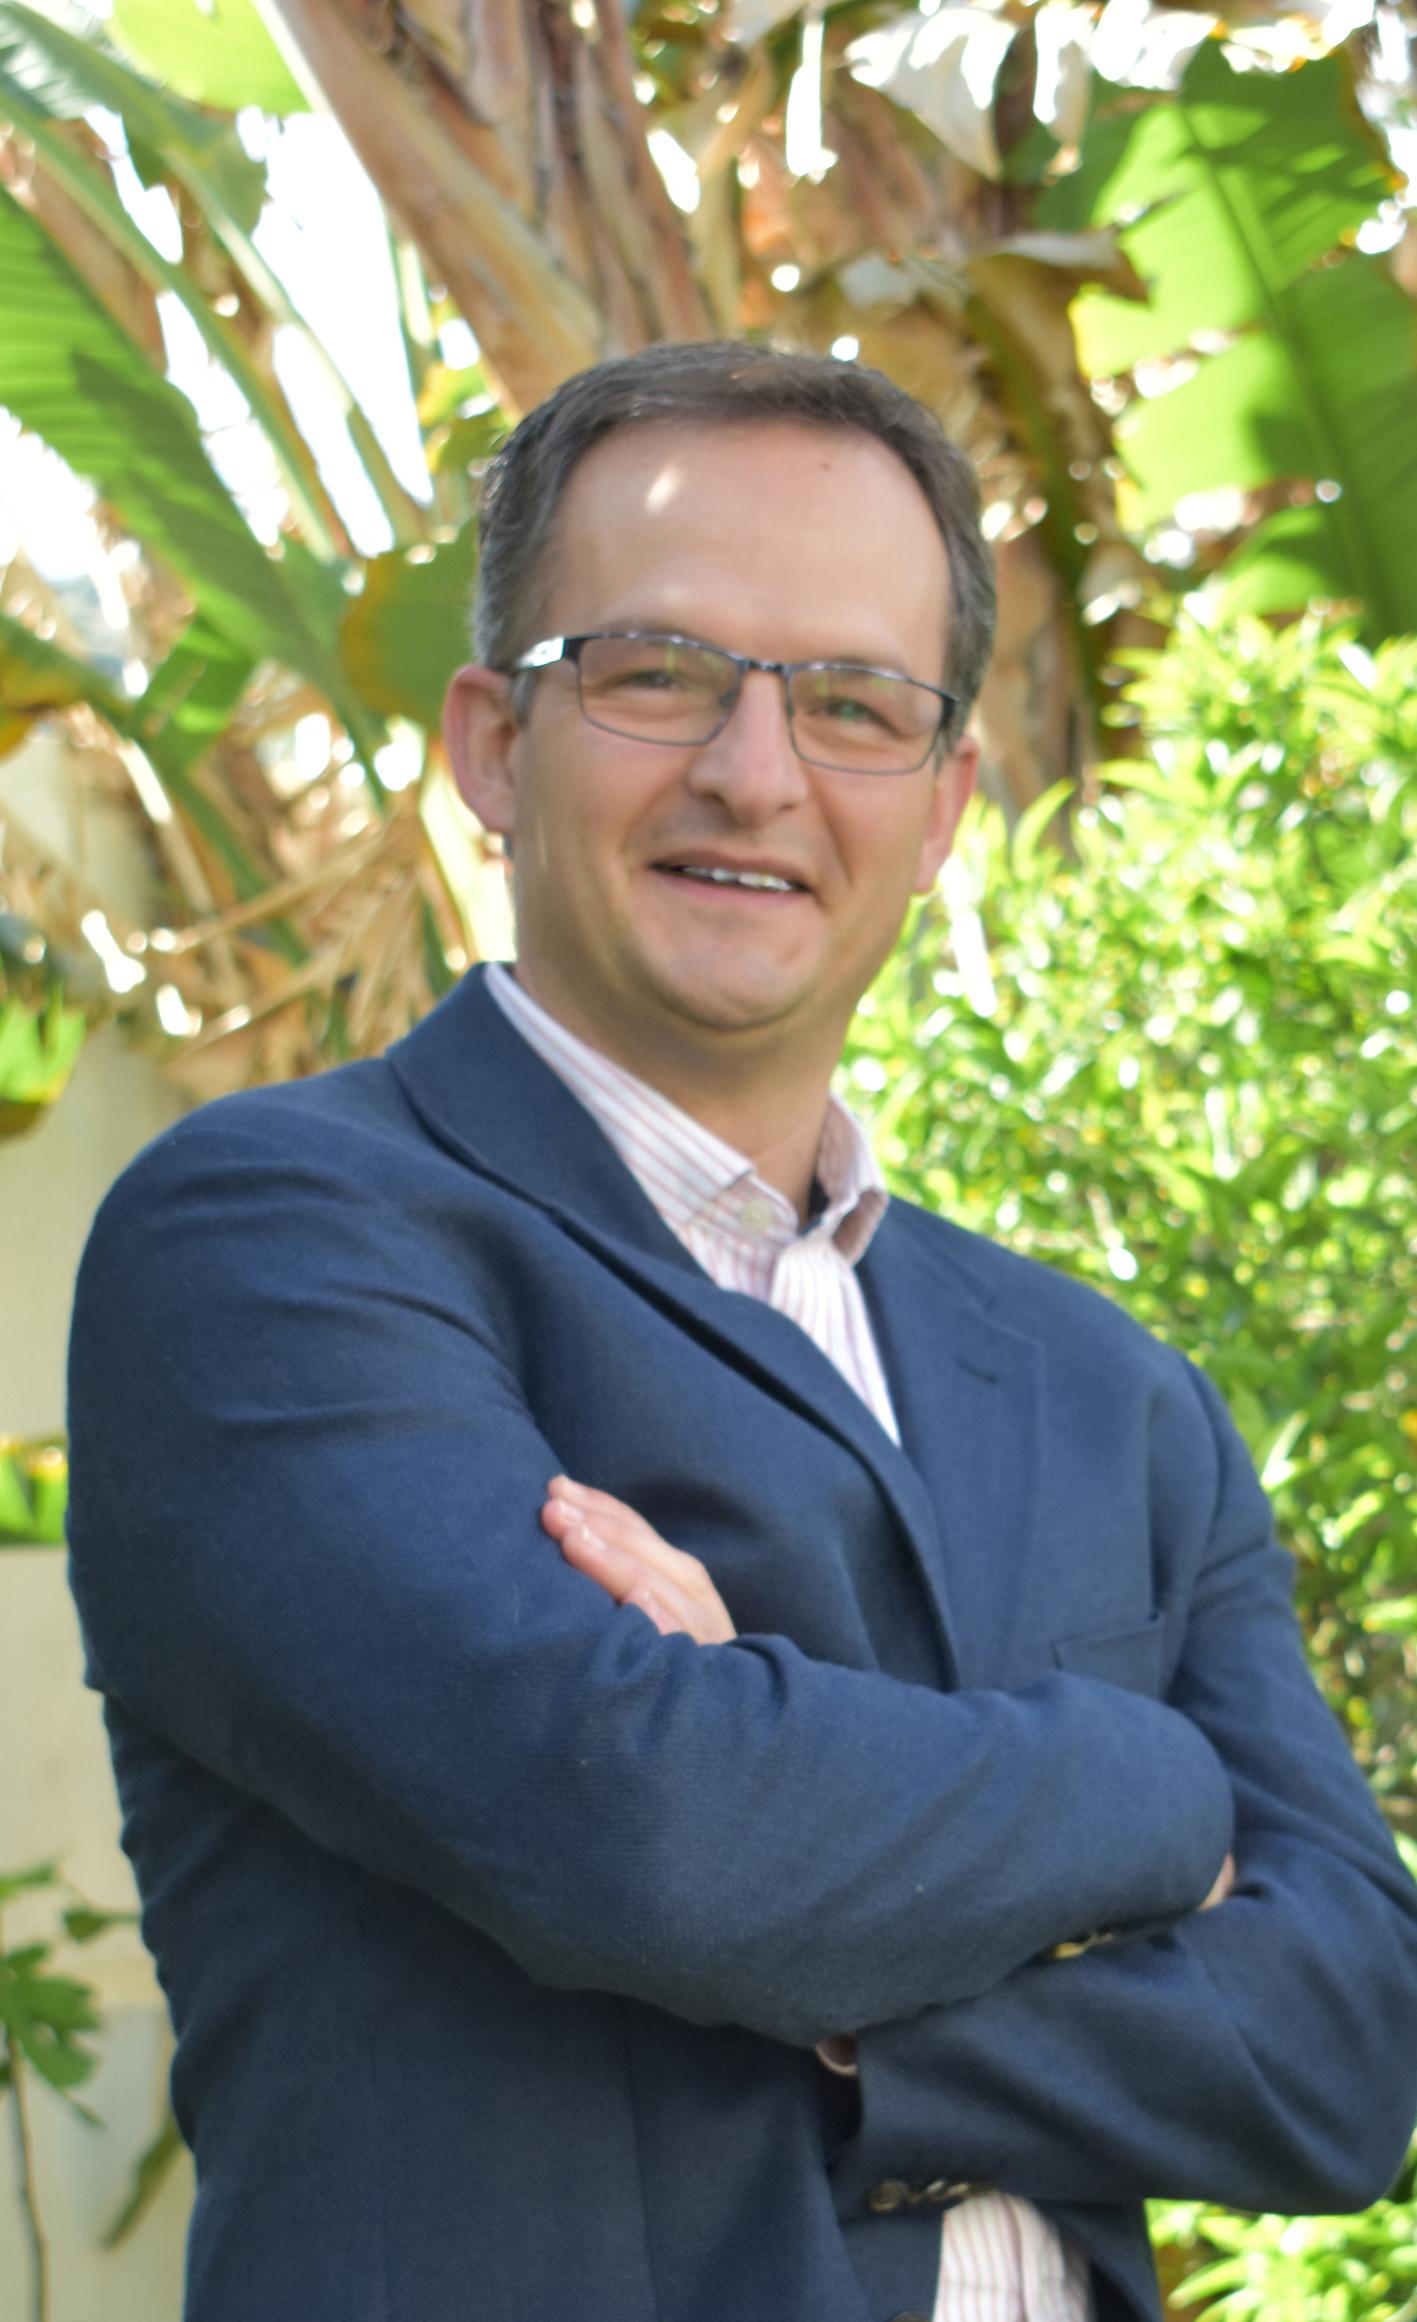 Foto perfil David-reducida